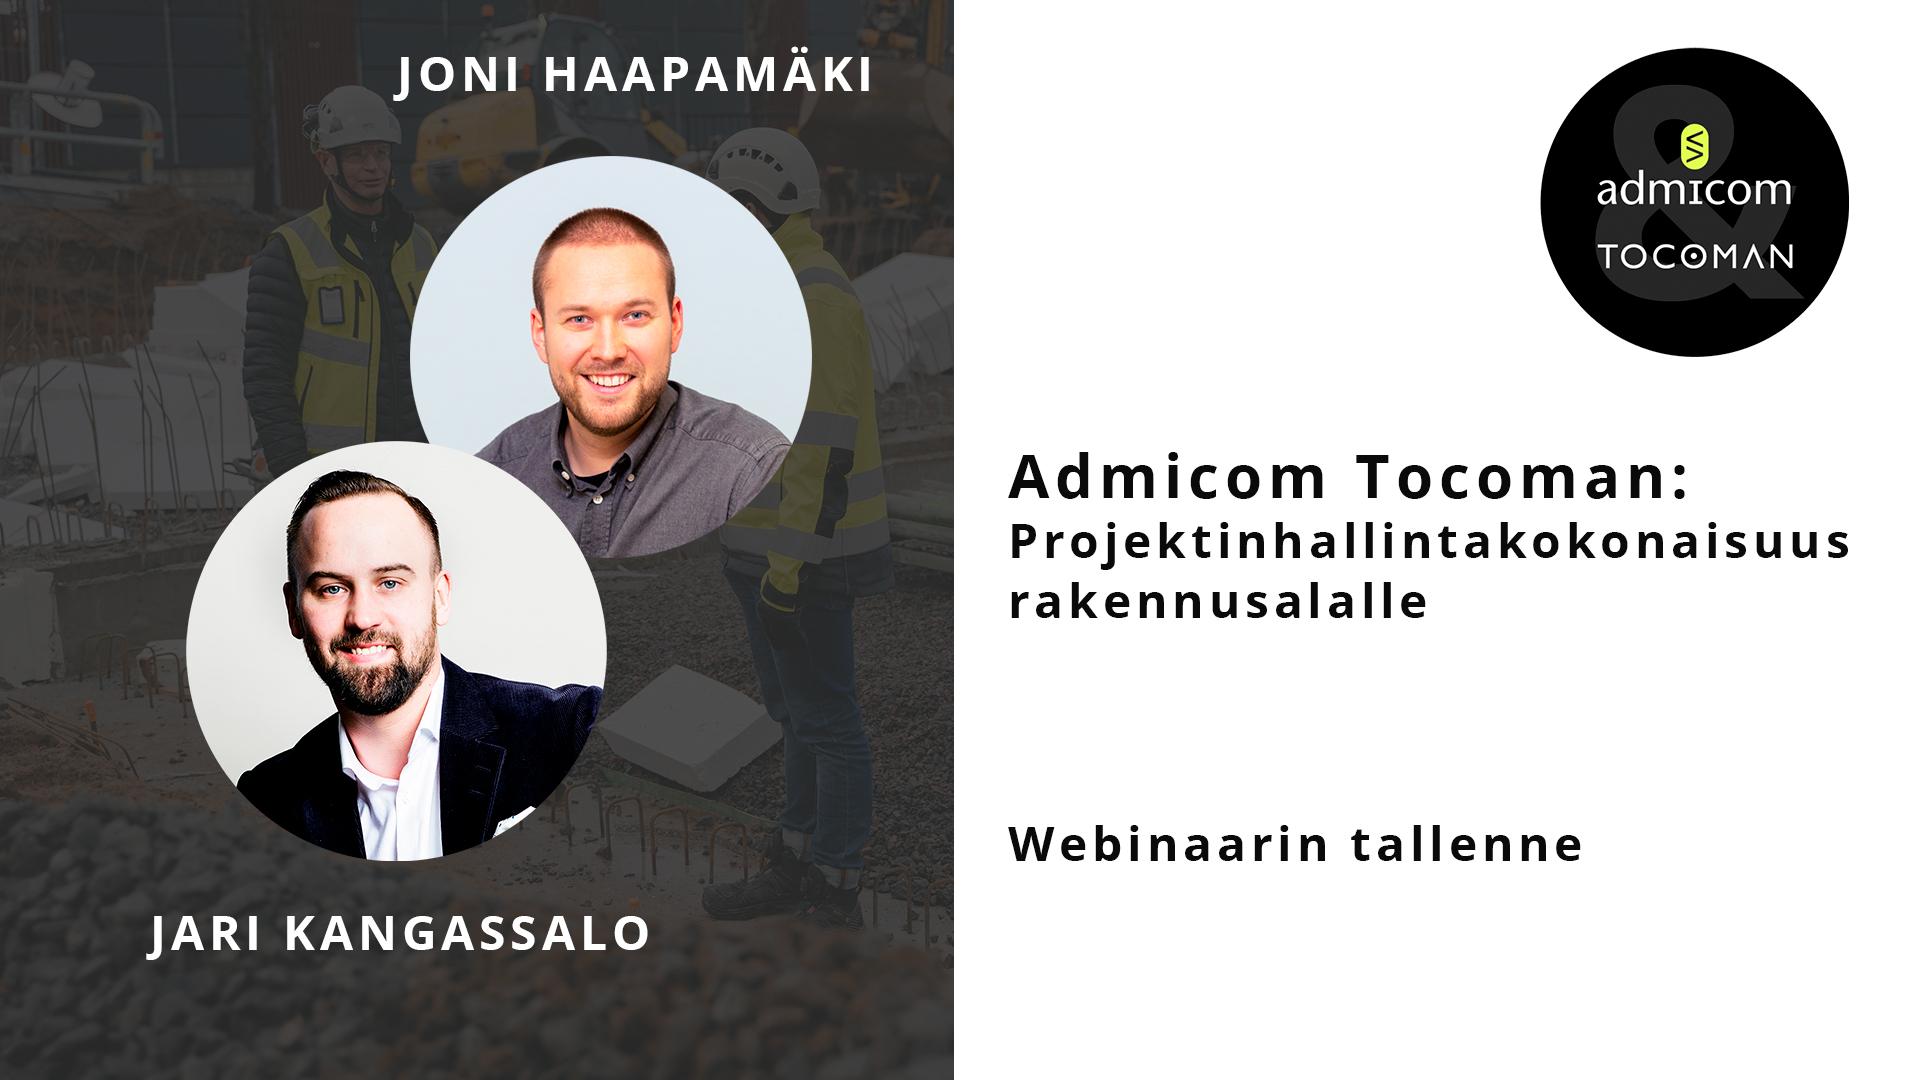 Admicom-Tocoman webinaari